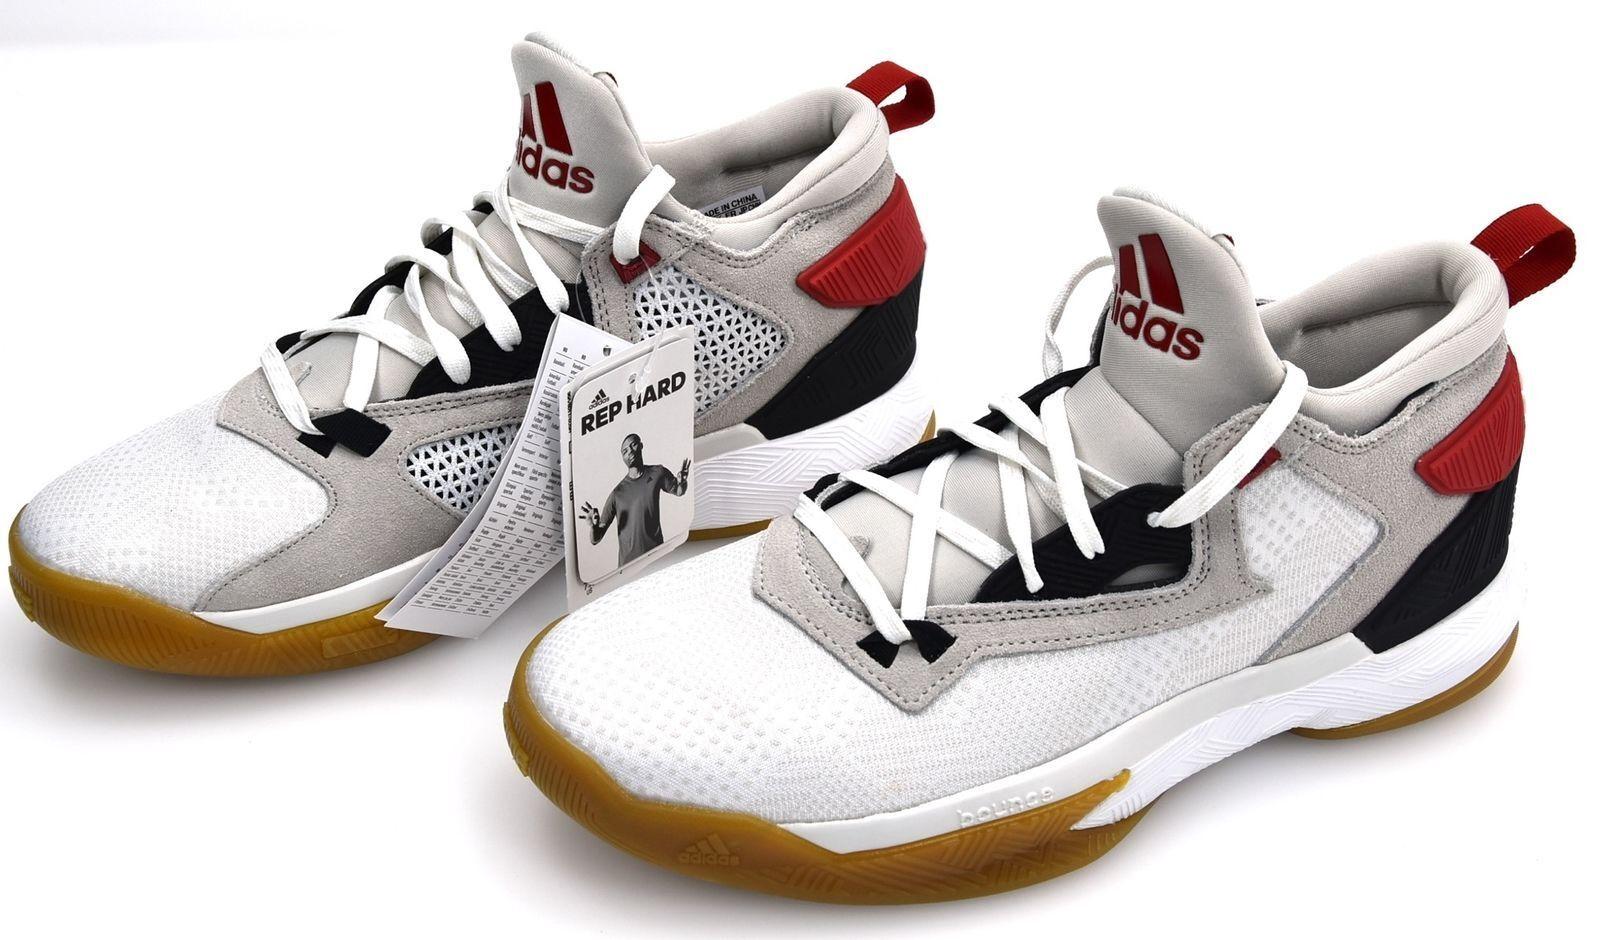 mejor servicio Adidas Lillard Lillard Lillard 2 F37123 Casa Dame D blancooo Rojo Escarlata Negro Rip City baloncesto  ofrecemos varias marcas famosas